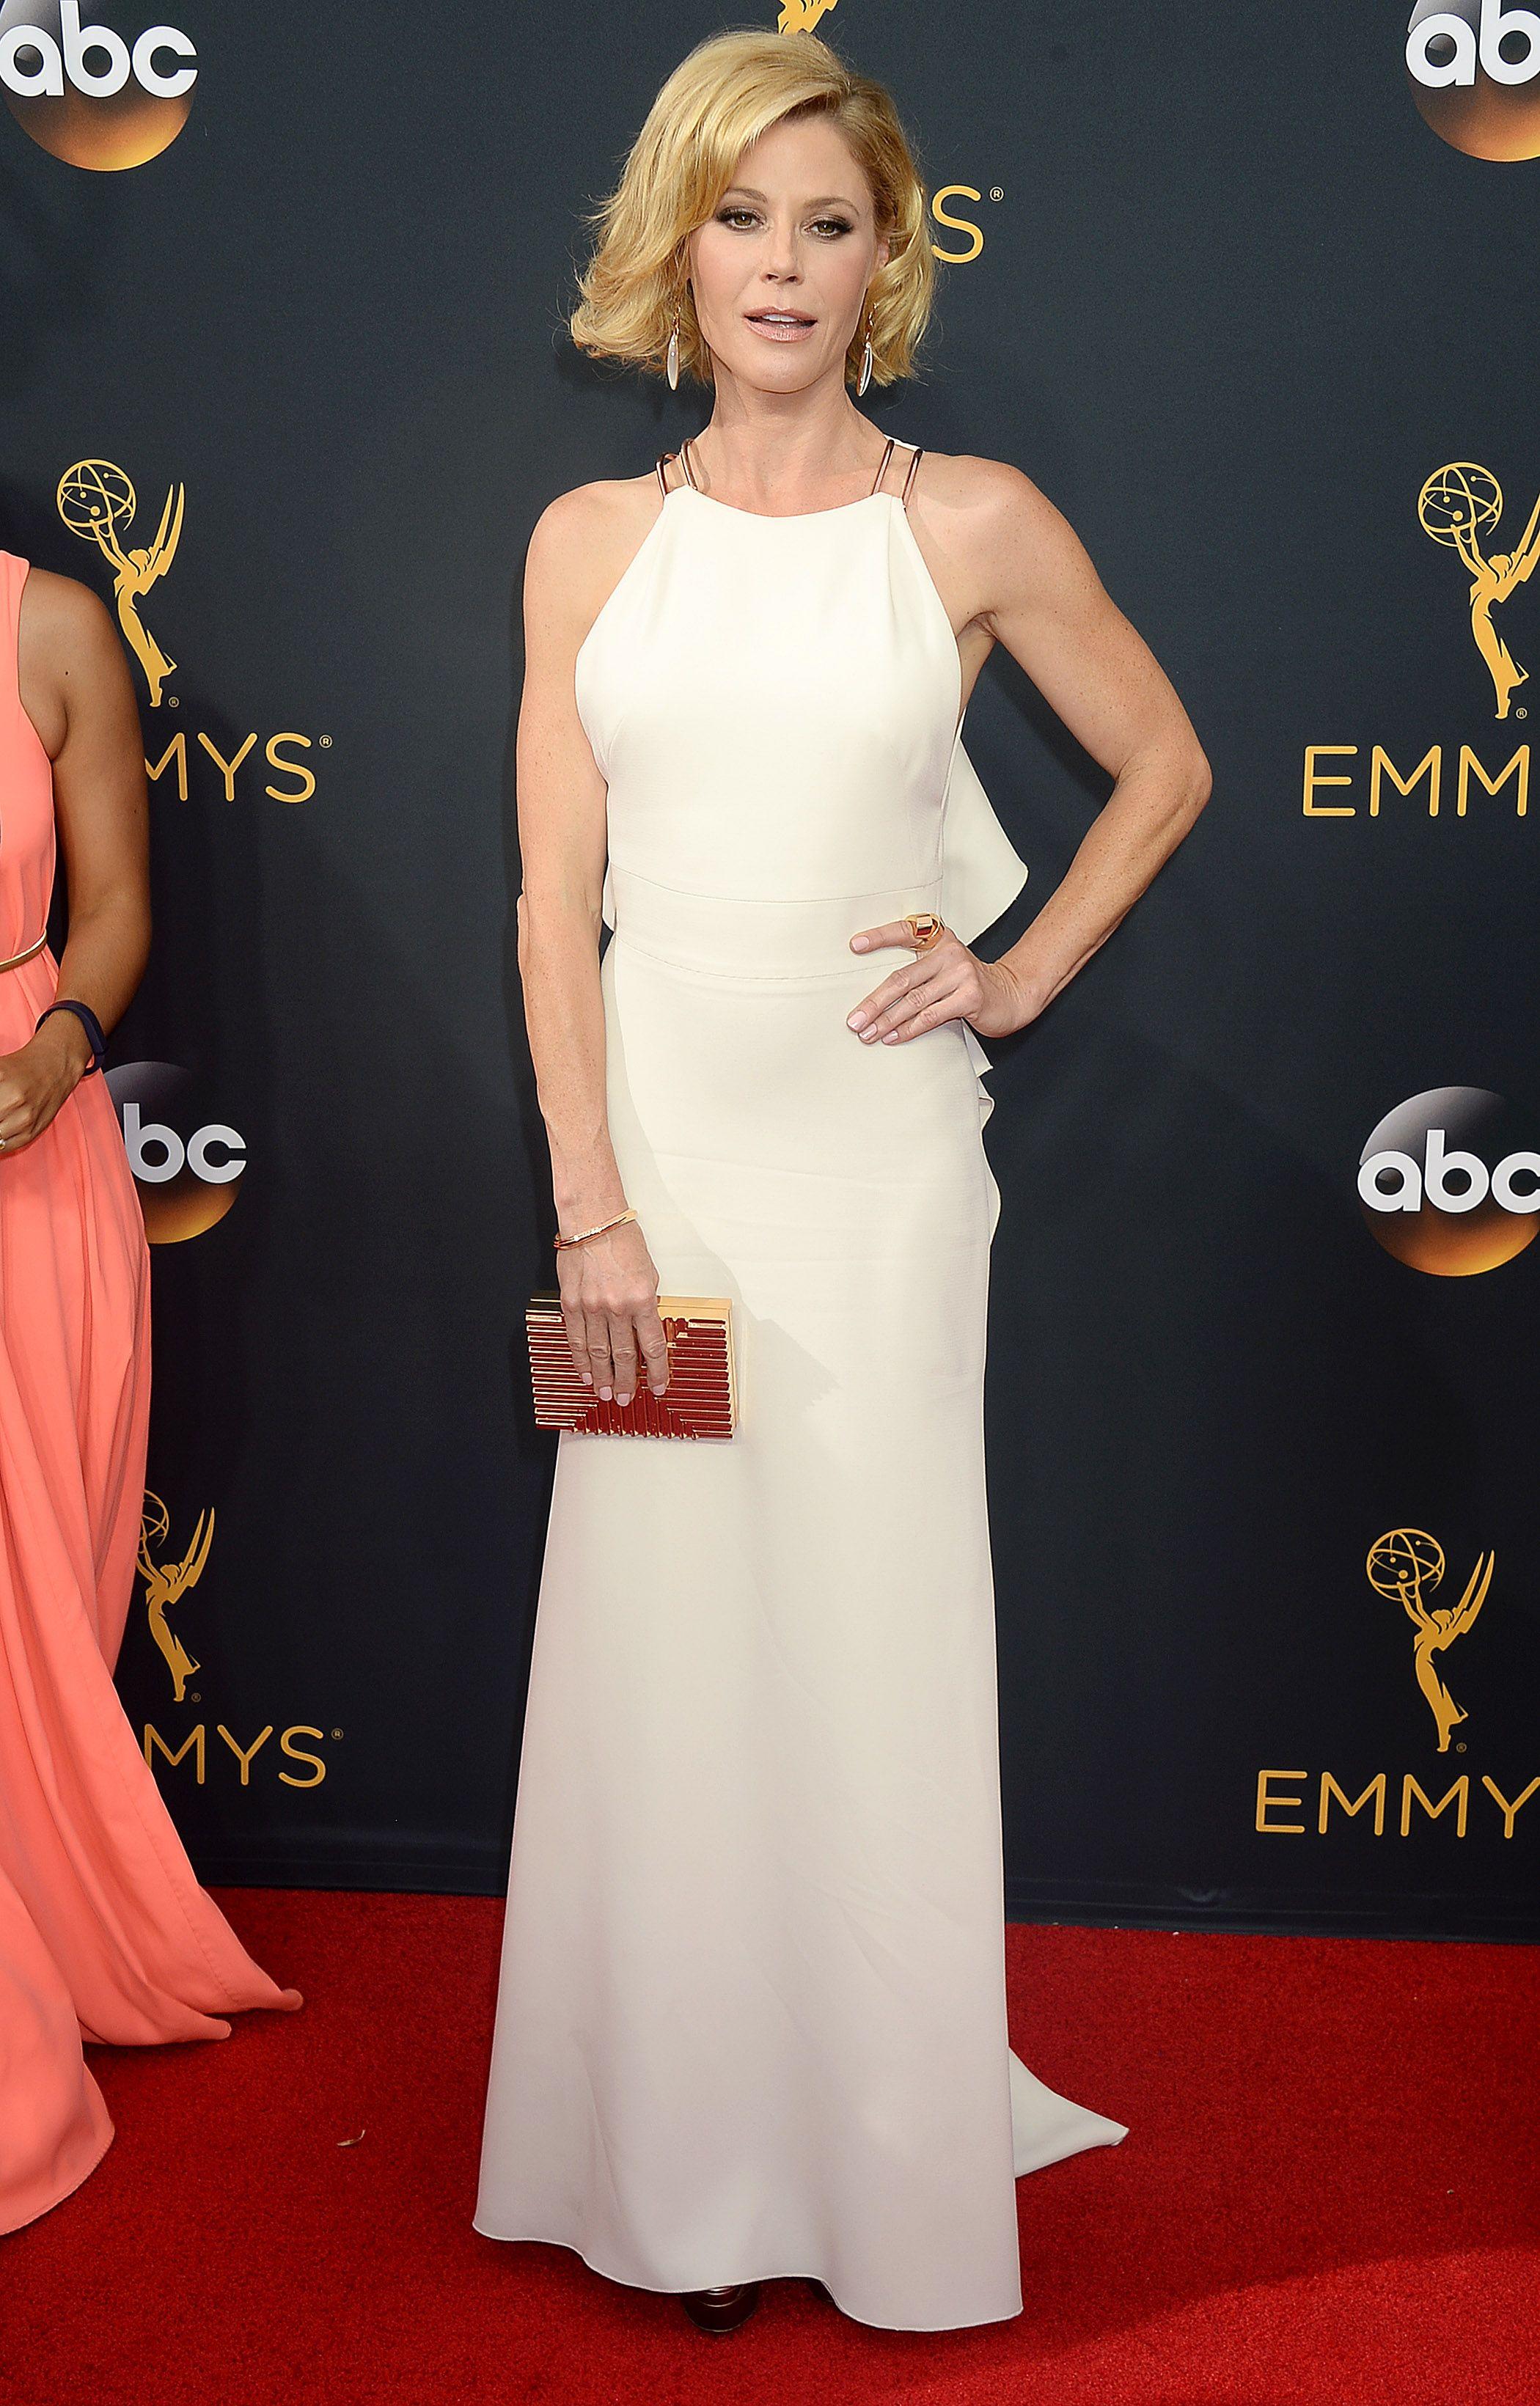 Julie Bowen - 68th Annual Emmy Awards in LA - 9/18/16